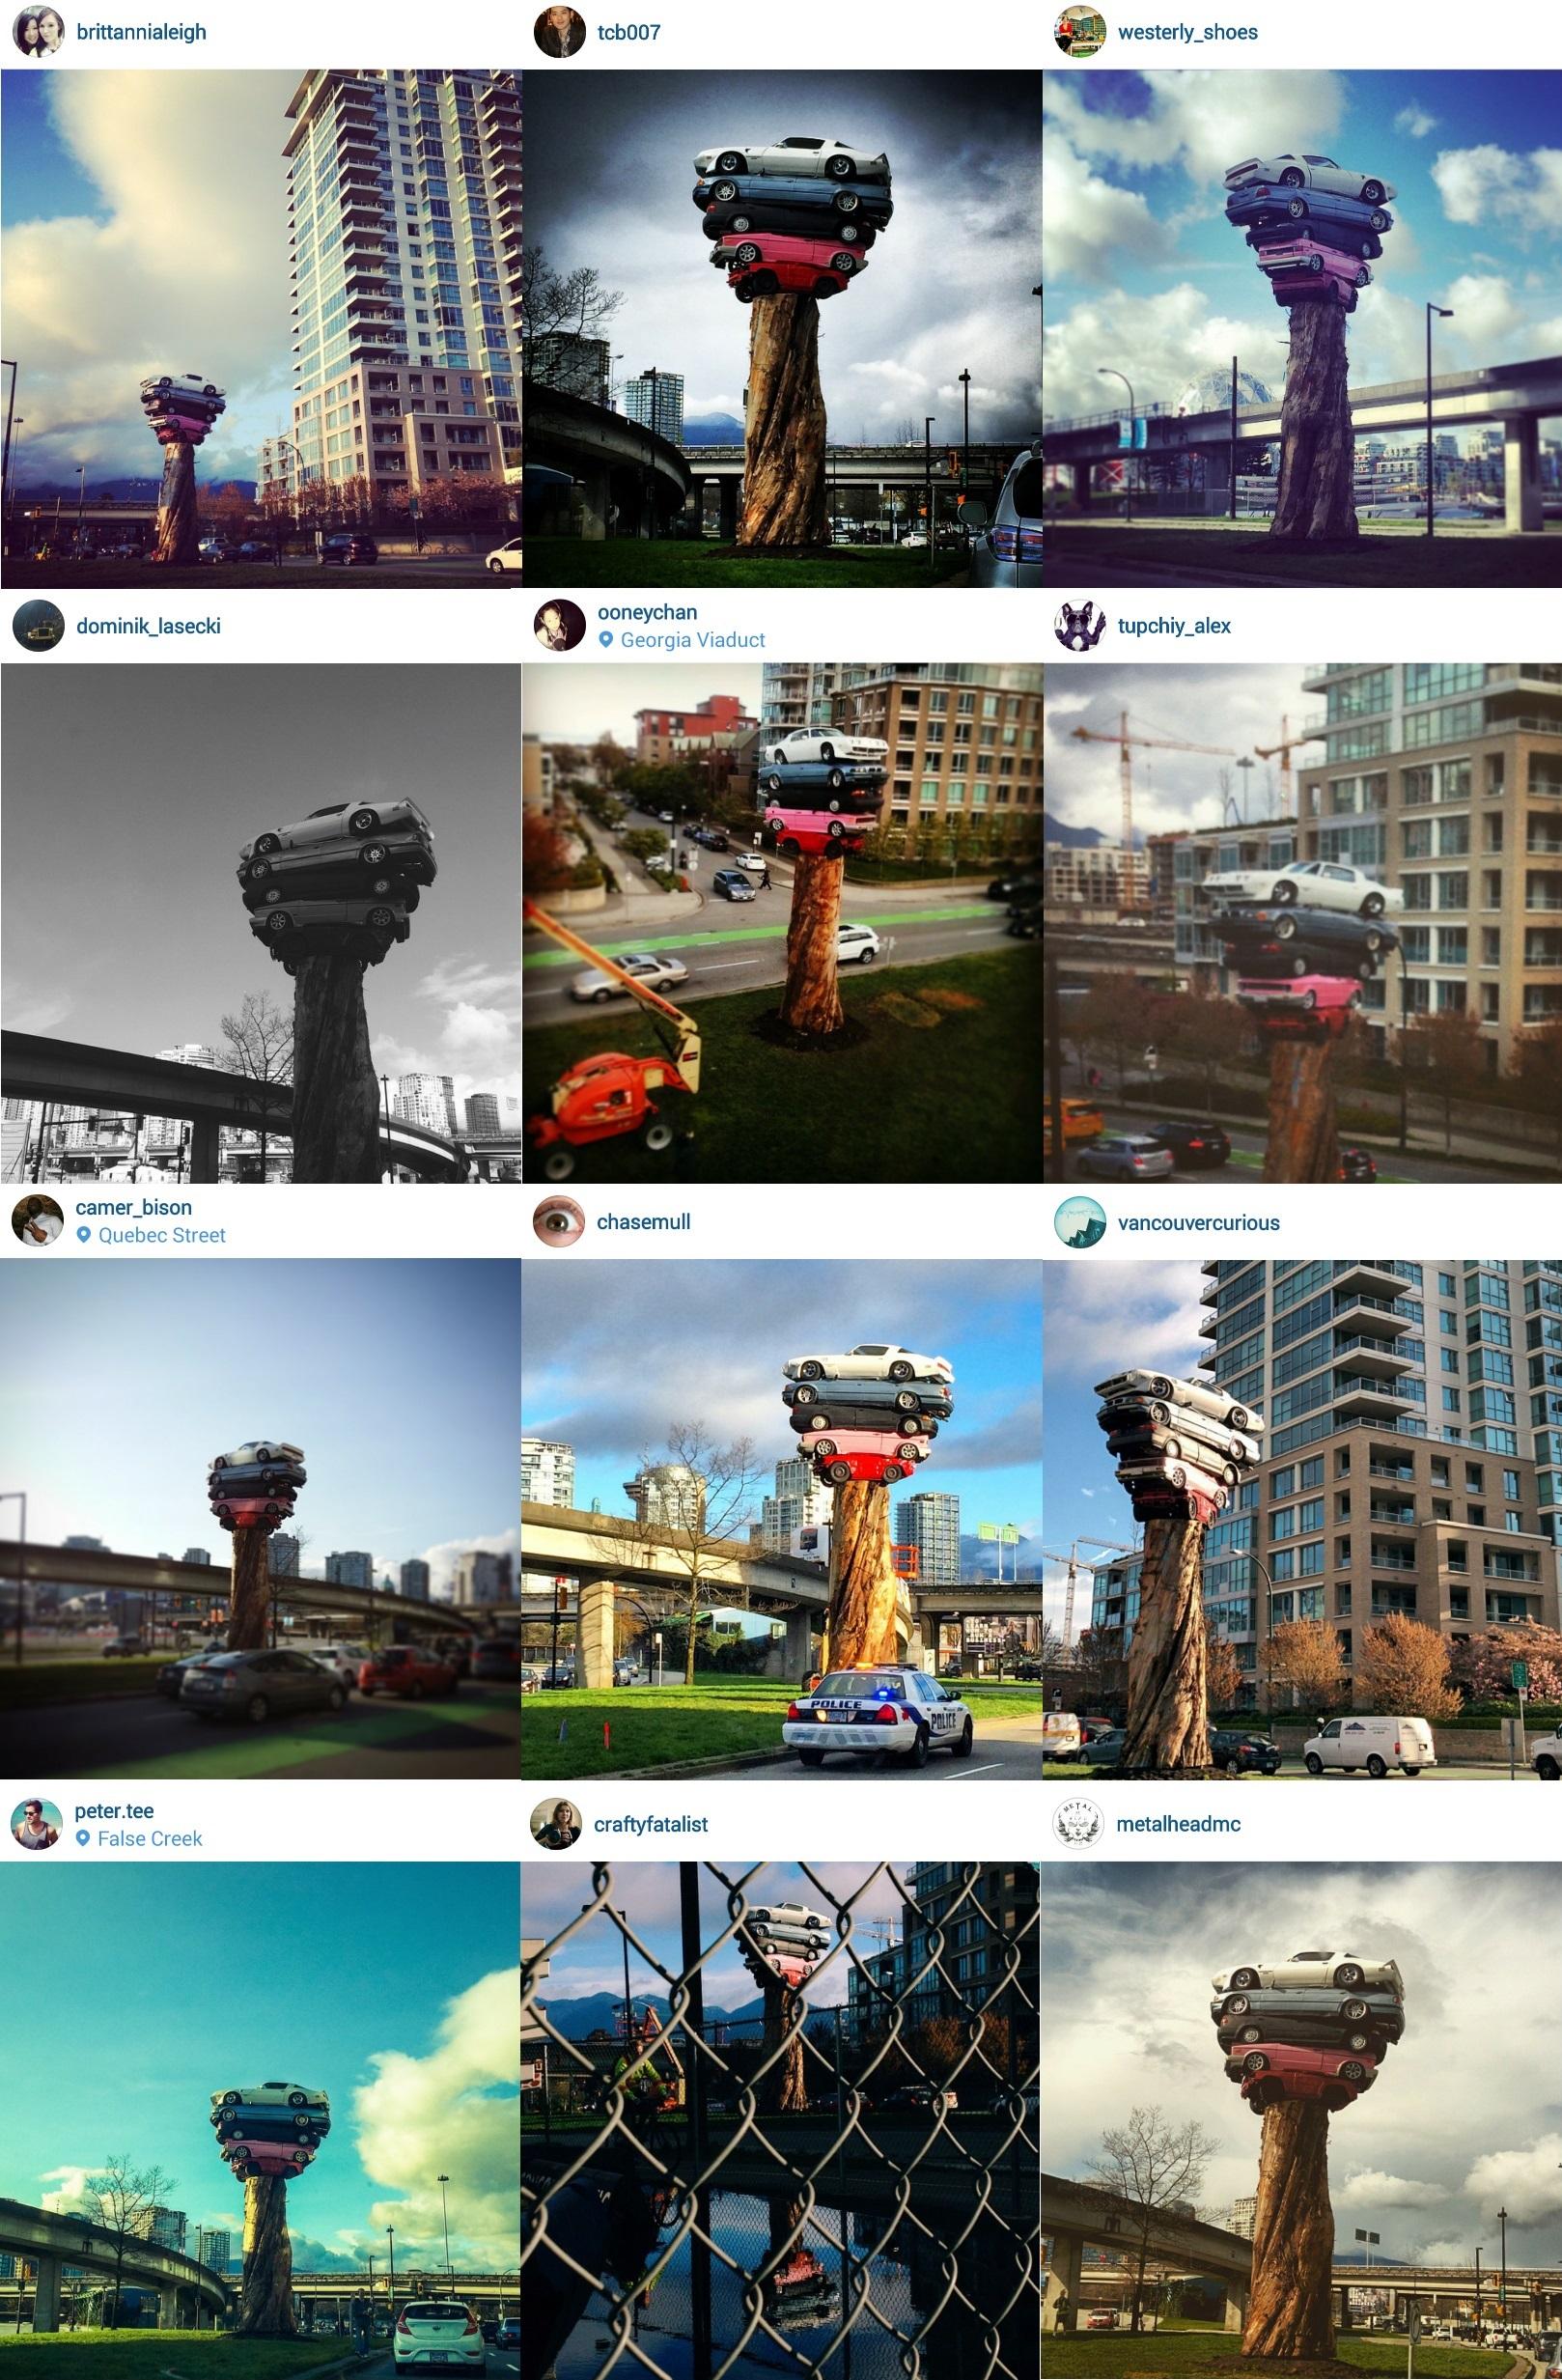 Instagram collage by Maks Fisli